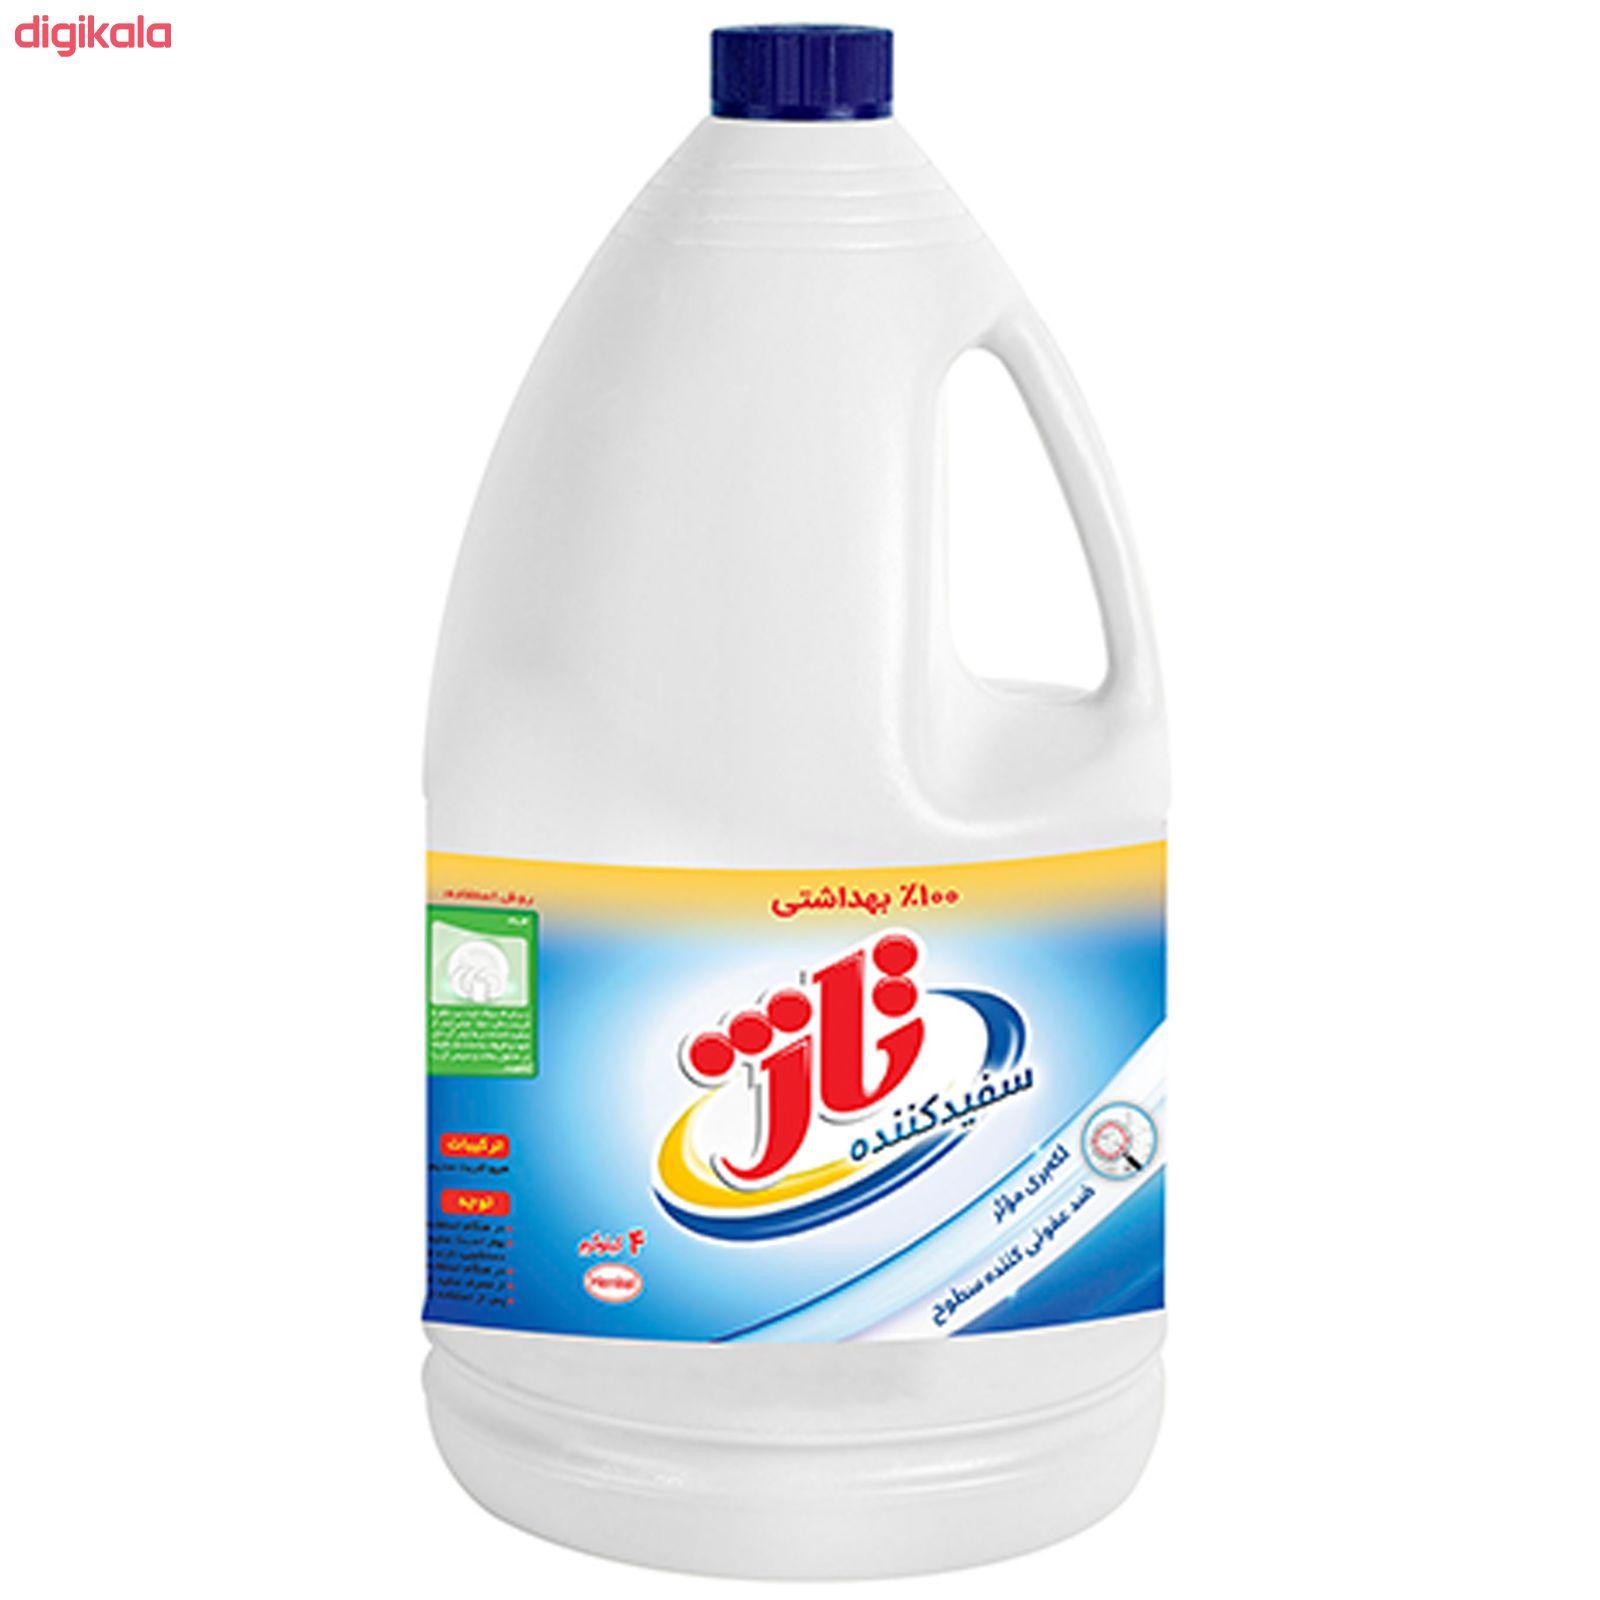 مایع سفید کننده تاژ مقدار 4000 گرم main 1 1